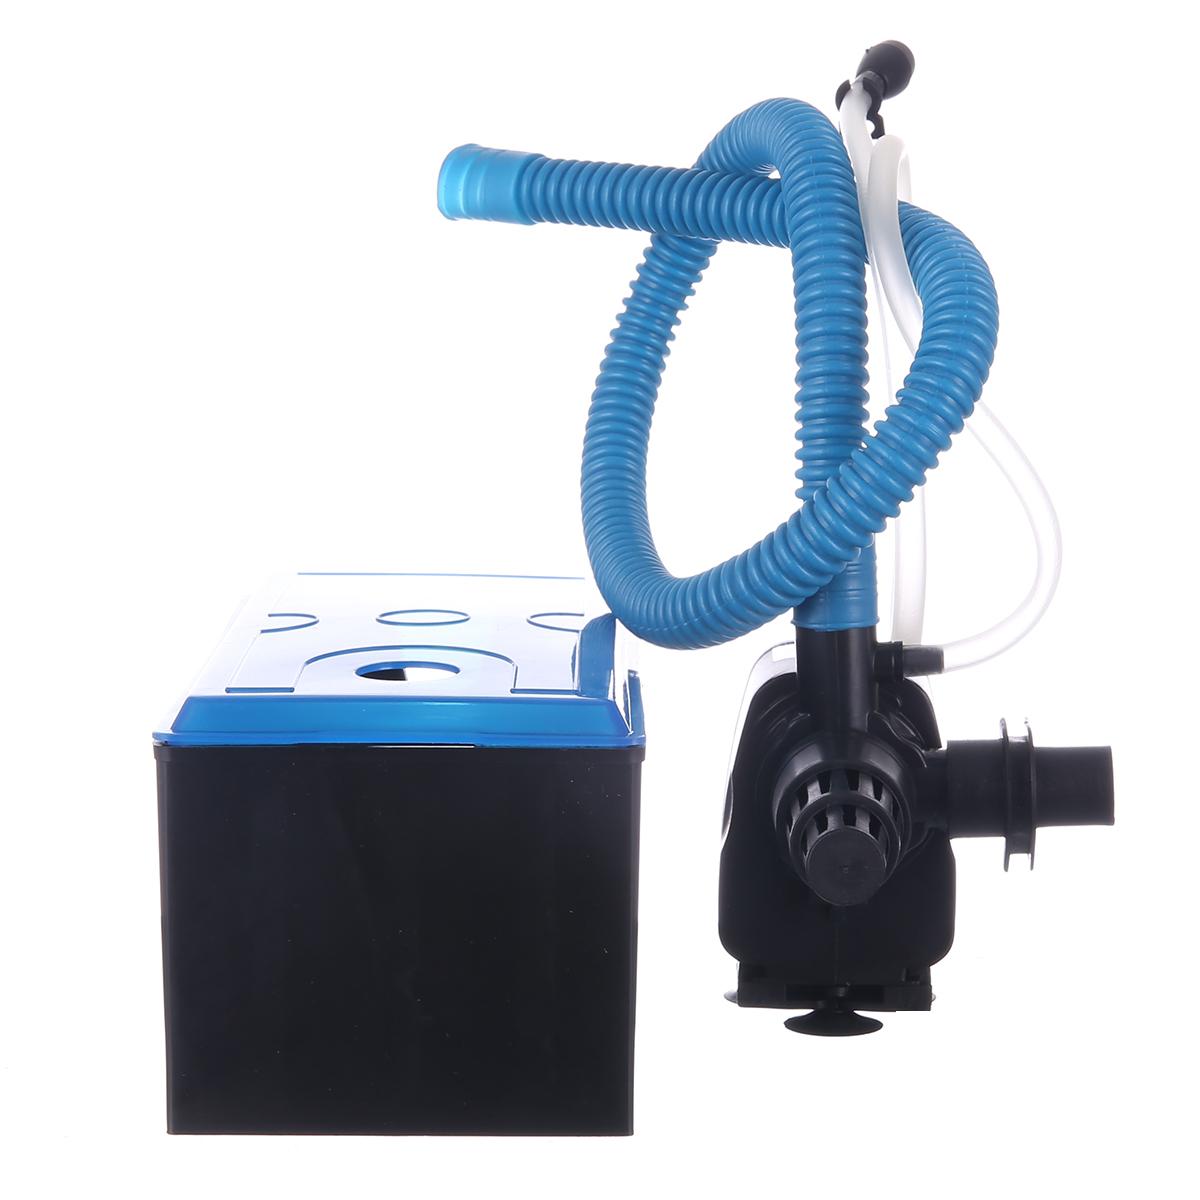 上濾式魚缸過濾器三合一水族箱龜缸上置過濾設備魚缸滴流盒過濾盒